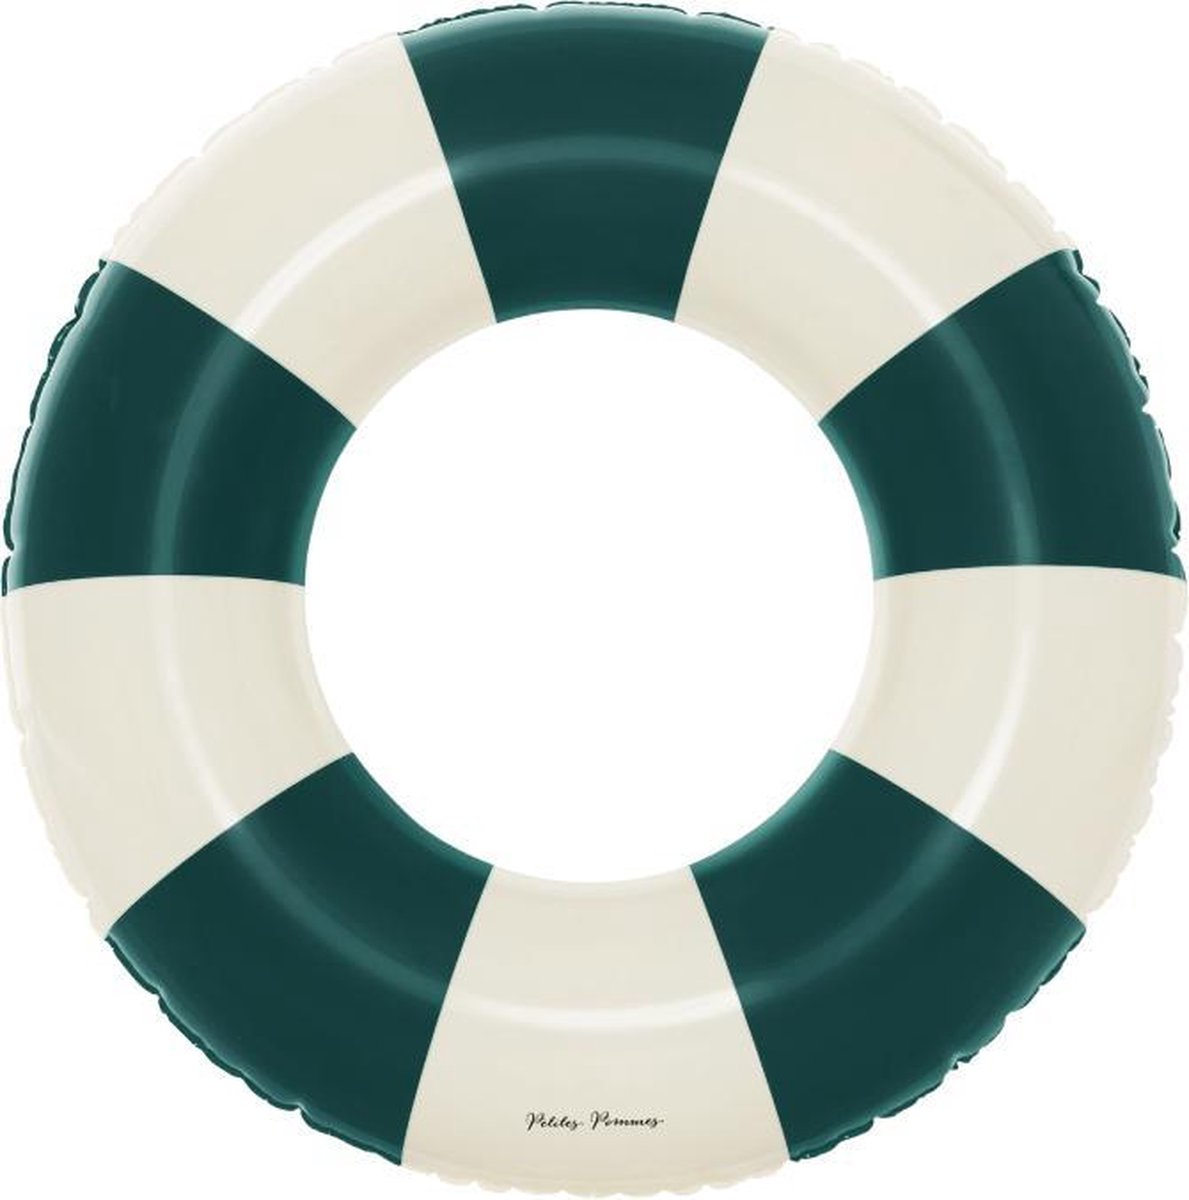 Petites Pommes Zwemring Olivia Oxford Green - Zwemband - 45 cm - 1 tot 3 jaar